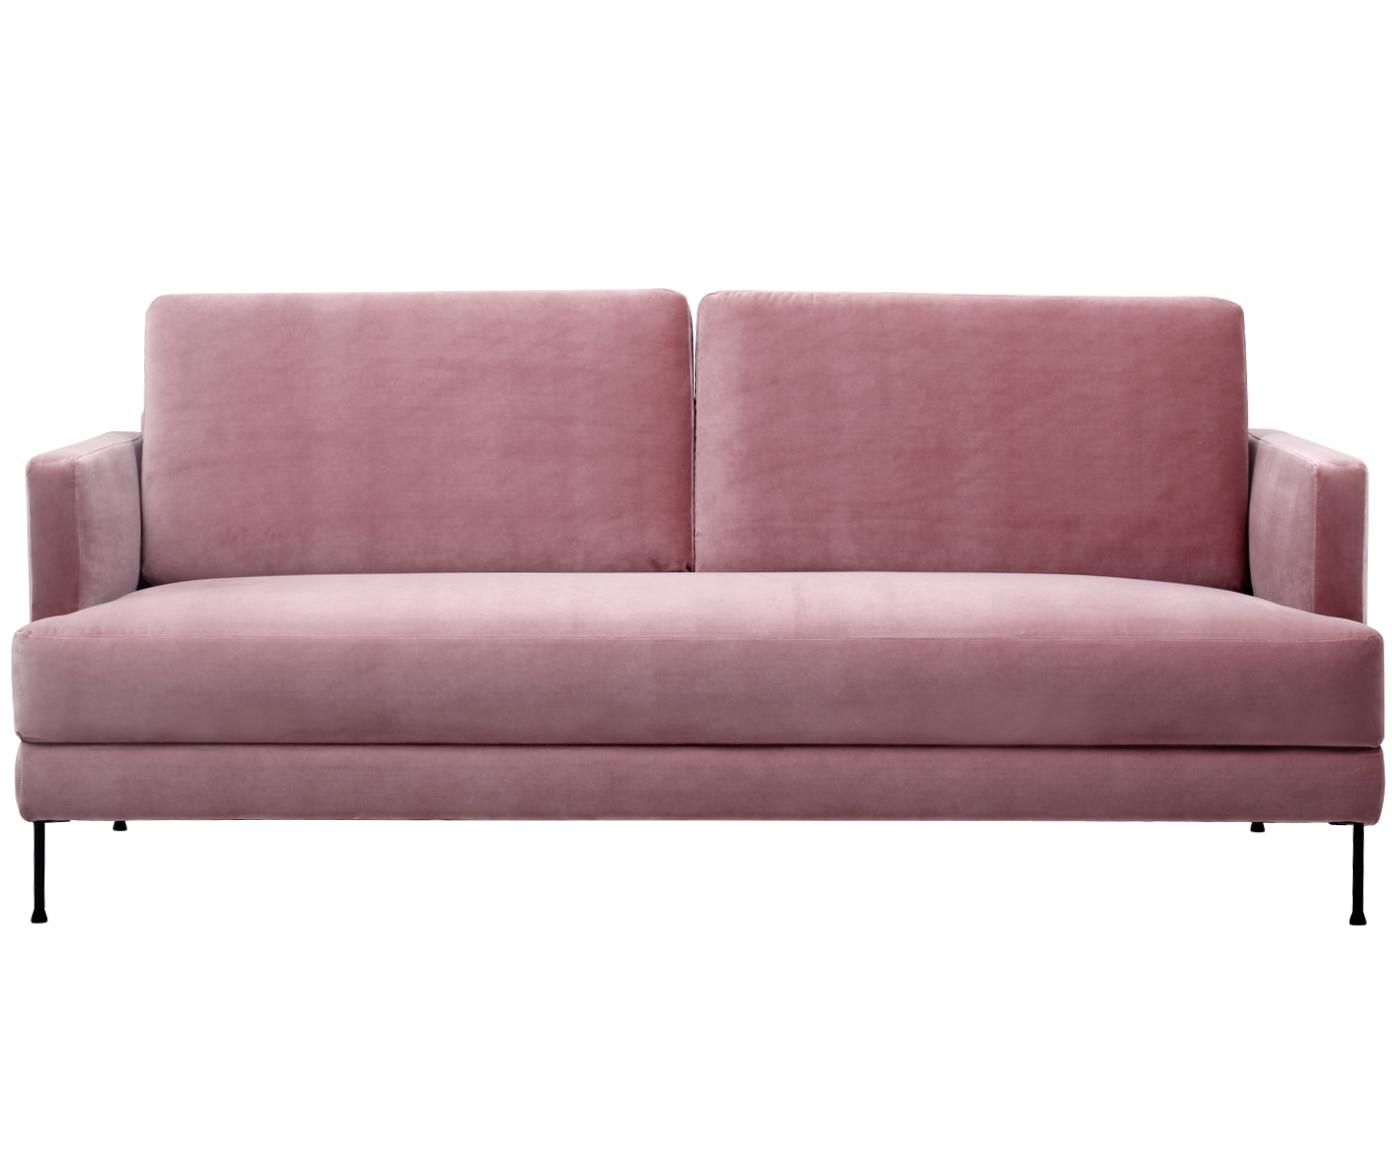 Sofá de terciopelo Fluente (3plazas), Tapizado: terciopelo (tapizado de p, Estructura: madera de pino maciza, Patas: metal lacado, Terciopelo rosa, An 197 x F 83 cm